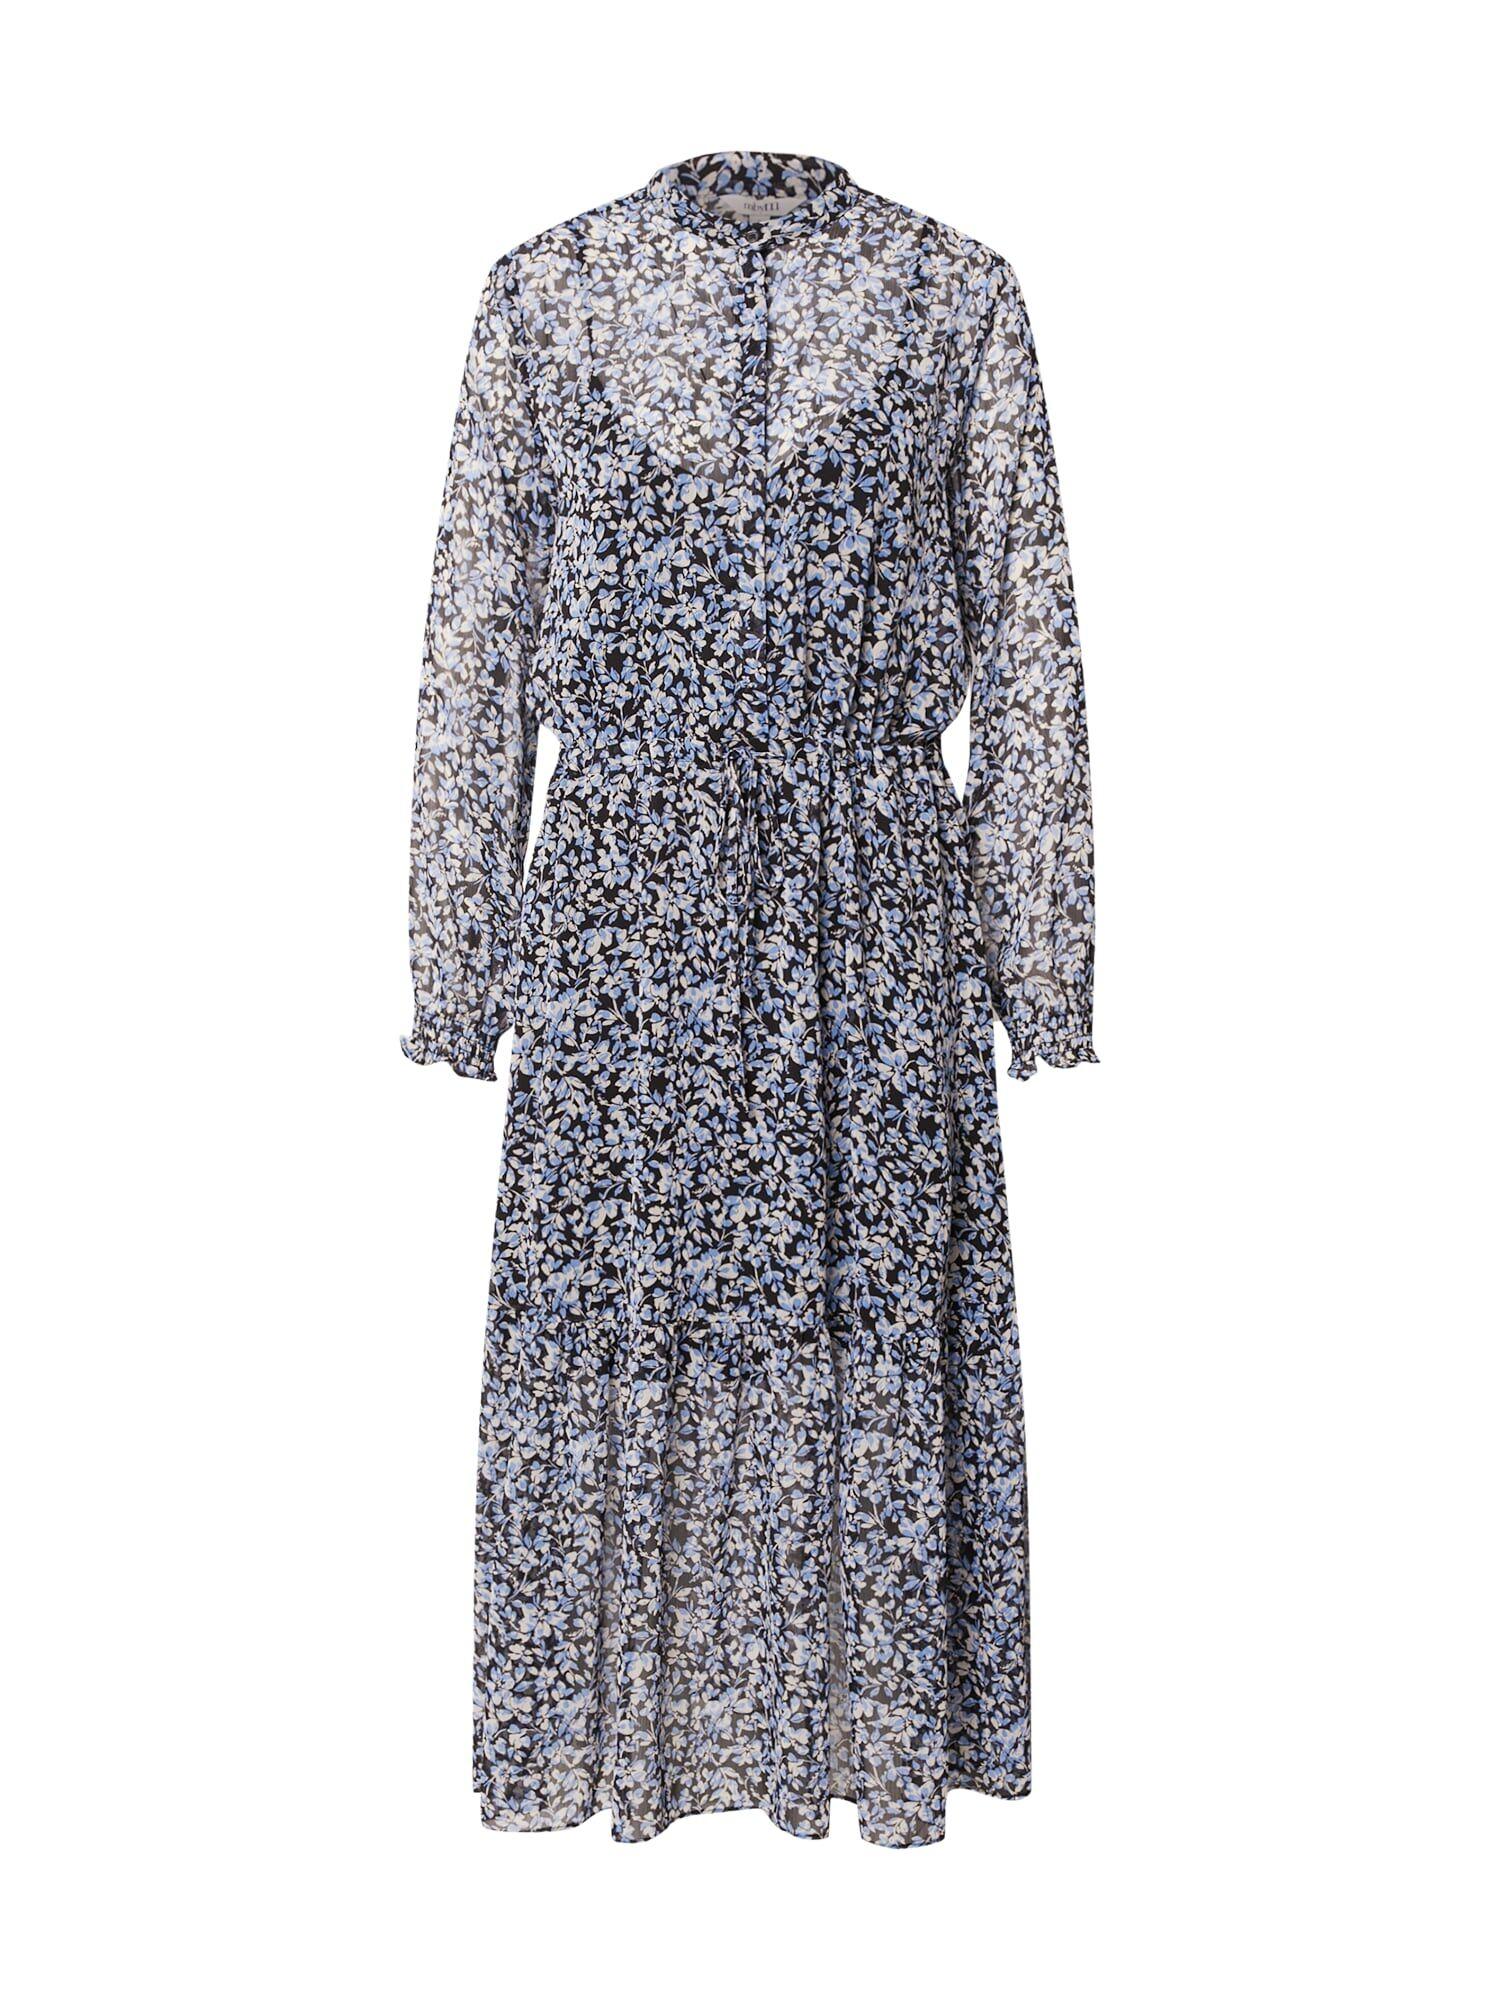 mbym Robe-chemise 'Diaz'  - Bleu - Taille: S - female